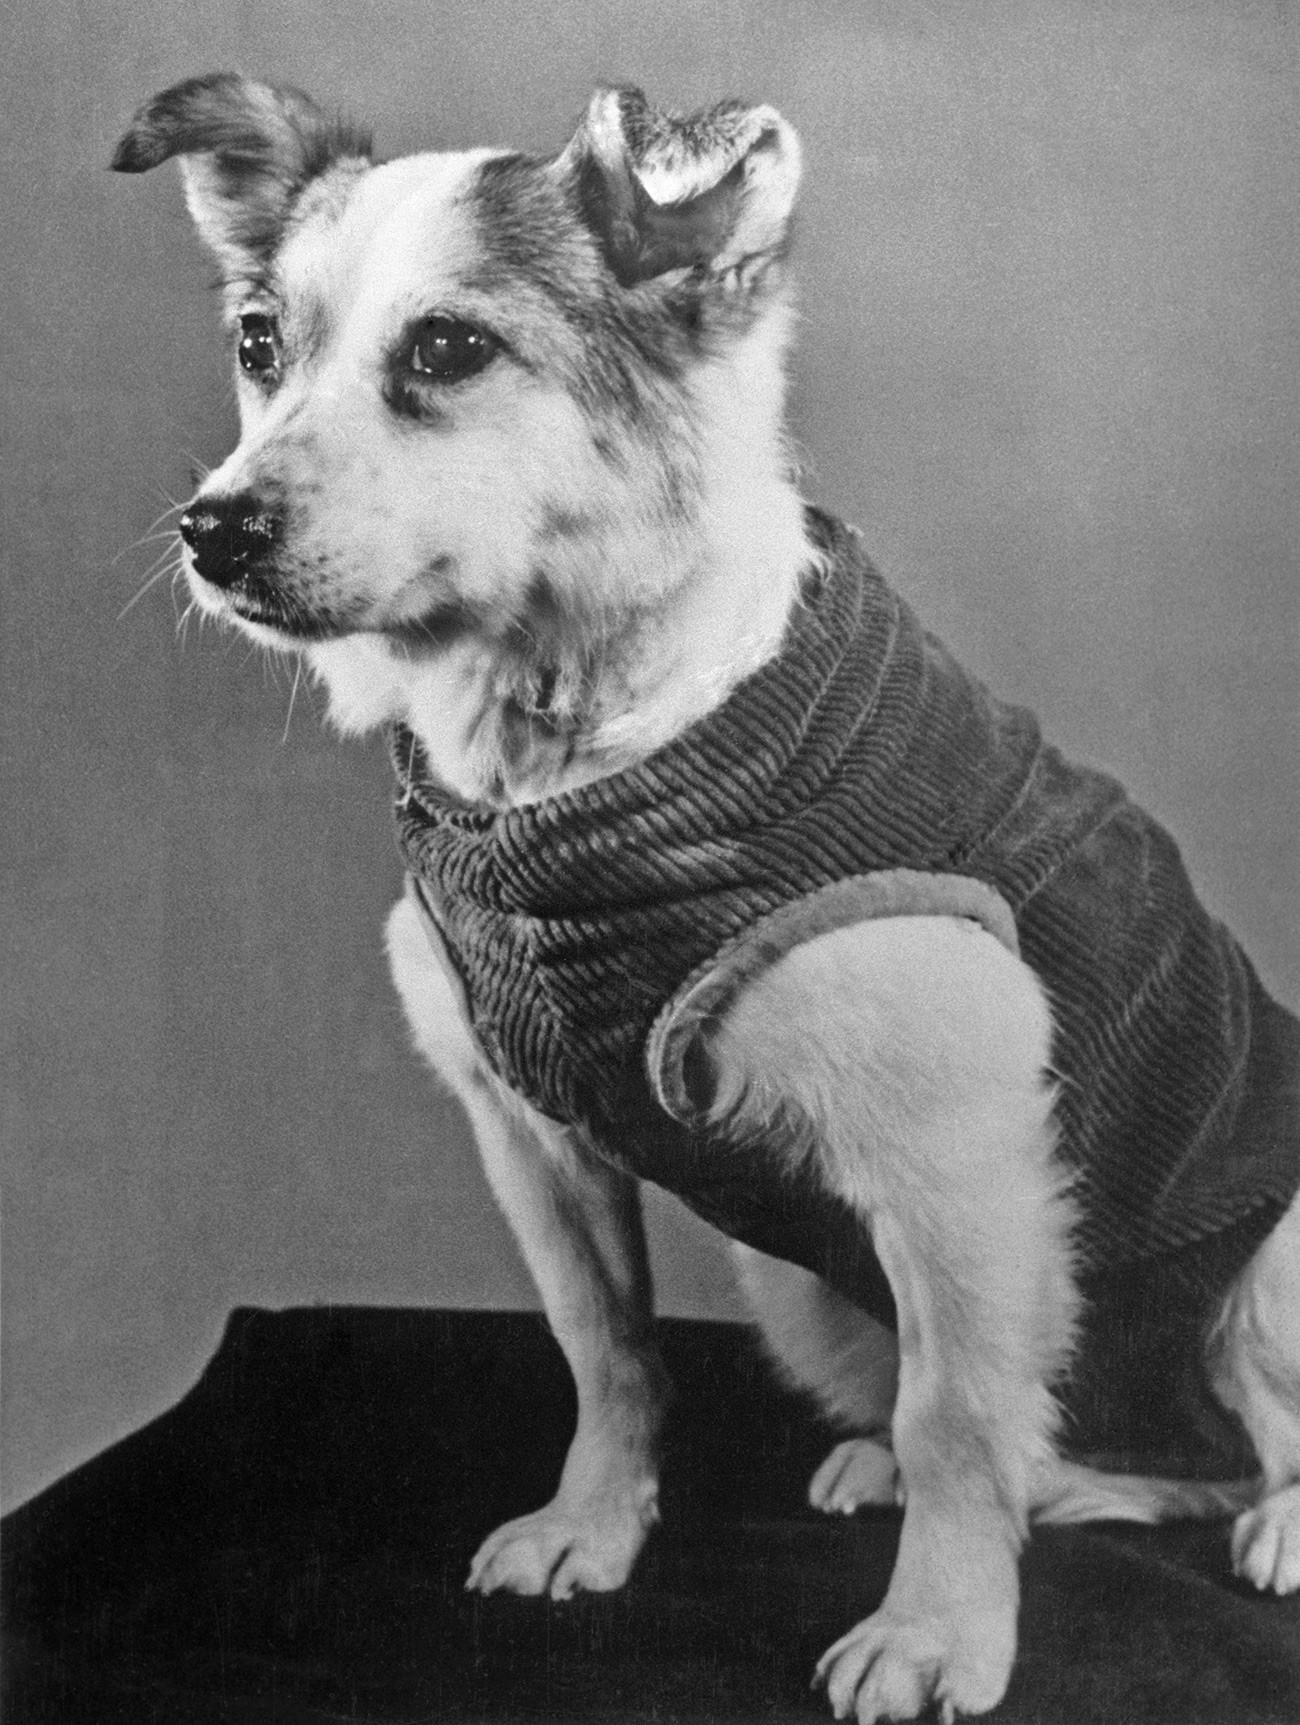 Собака Звездочка, совершившая путешествие на корабле - спутнике и благополучно вернувшаяся на Землю.